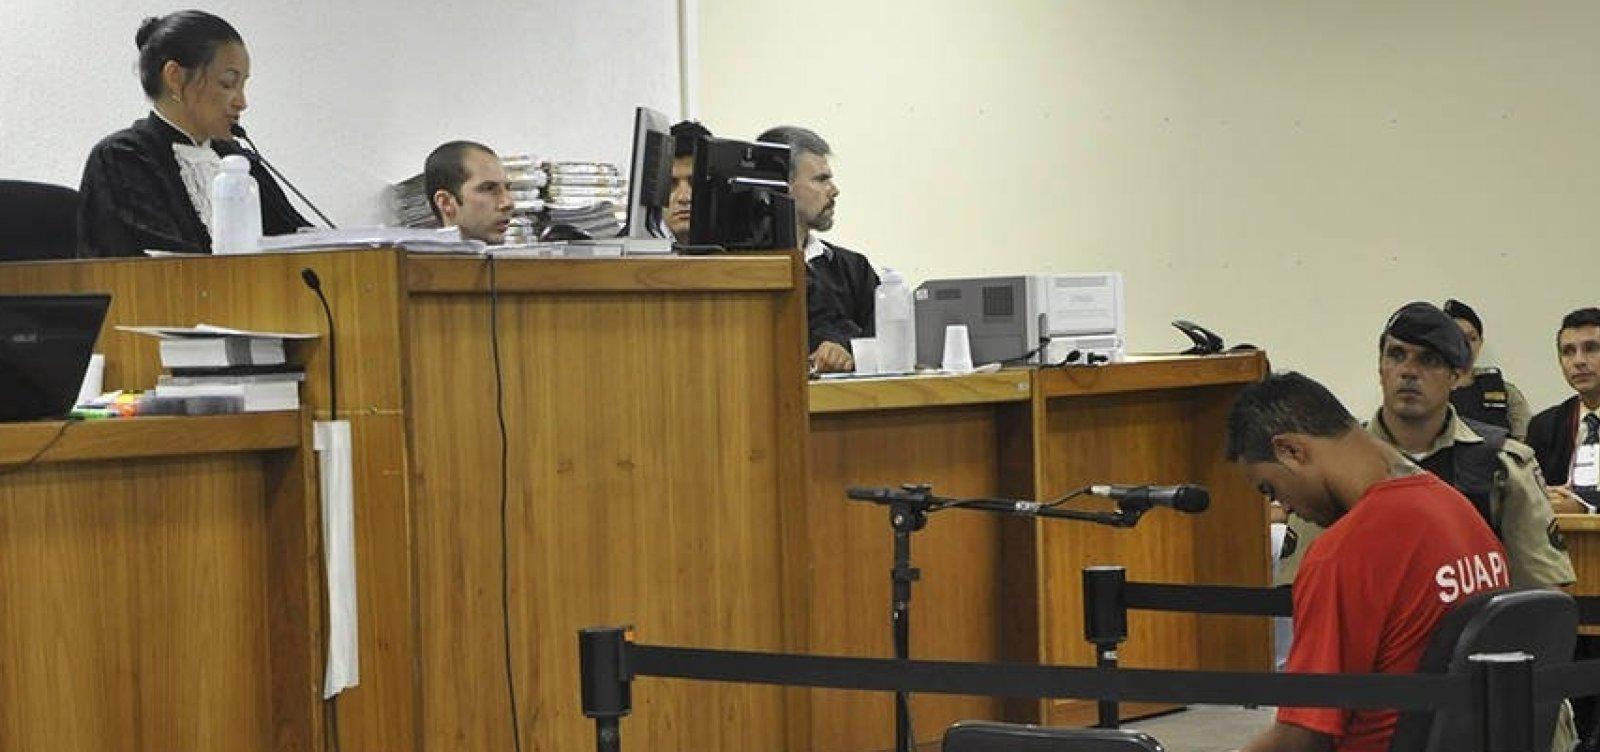 Goleiro Bruno é inocentado em caso de vídeo com mulheres